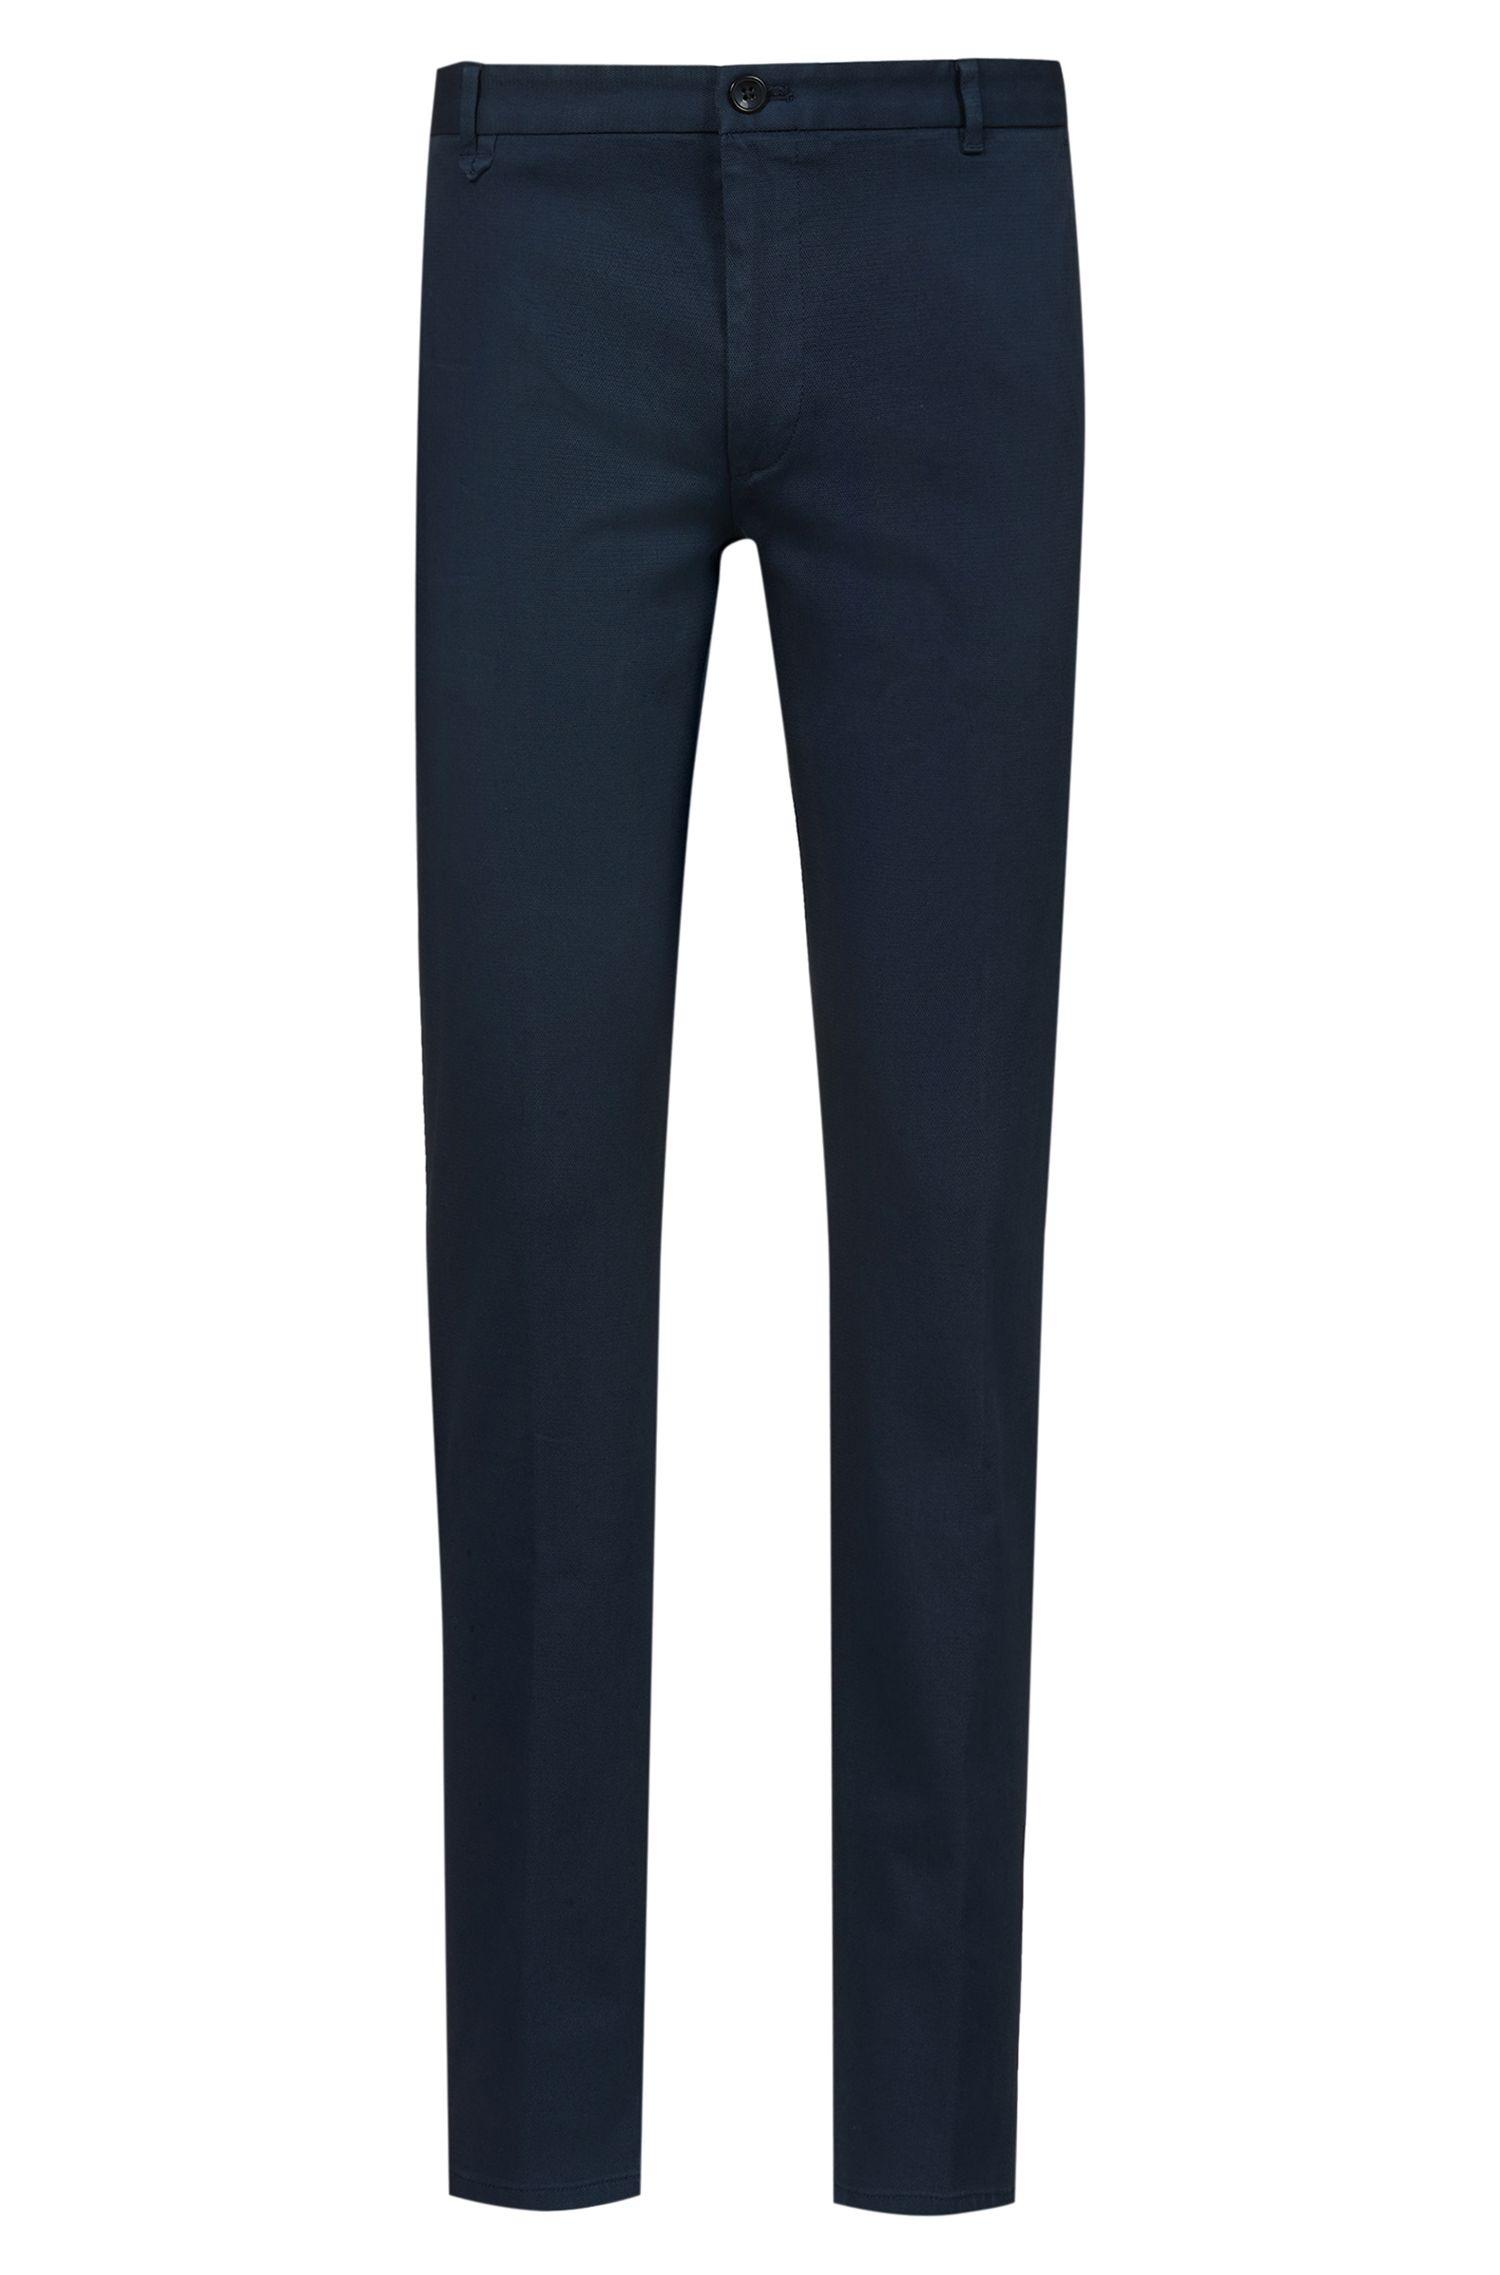 Extra Slim-Fit Hose aus fein strukturierter Stretch-Baumwolle, Dunkelblau